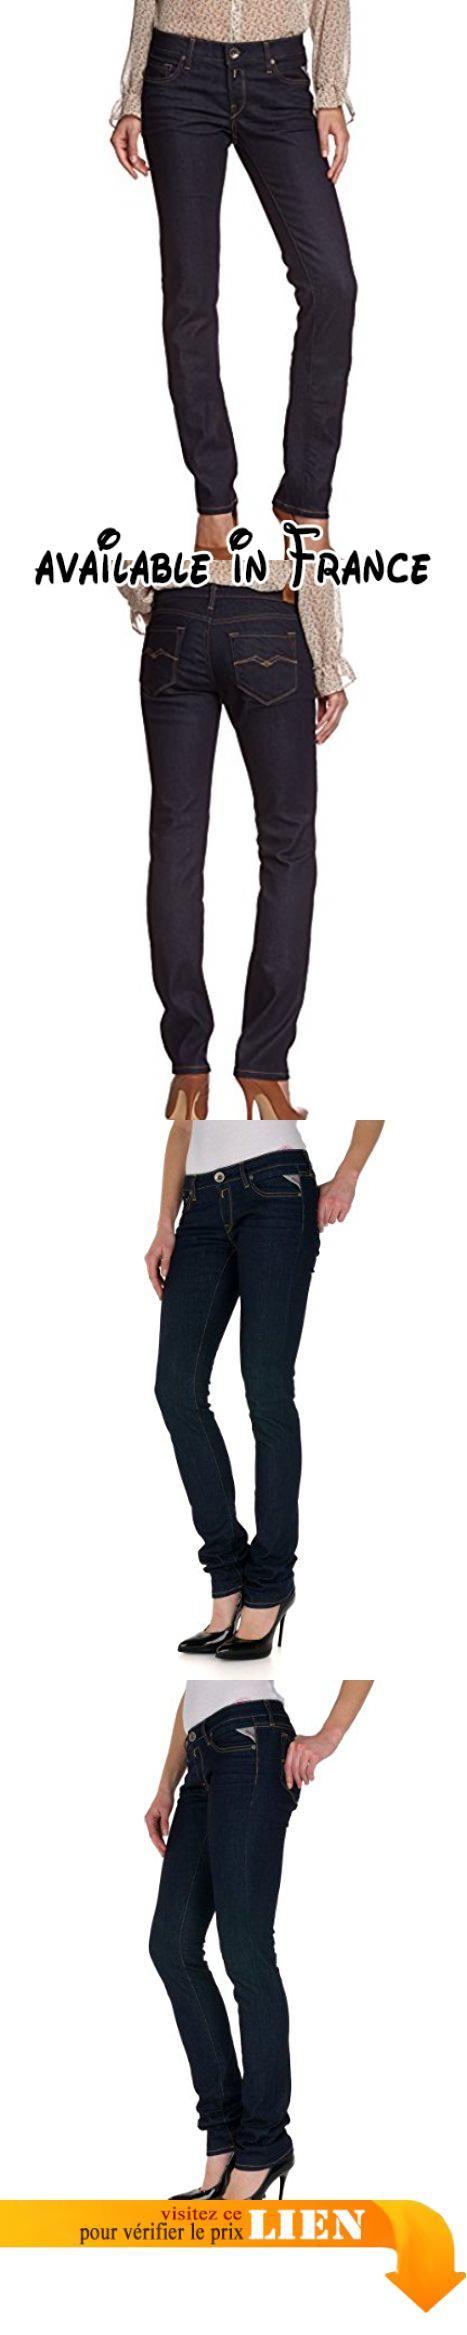 Replay - Jeans Droit - Femme - Bleu (7) - W31/L32. Notre modèle mesure 180 cm. Notre modèle porte une taille 27. Sa taille habituelle est 26. Conseils d'entretien: lavage en machine à 30°C #Apparel #PANTS